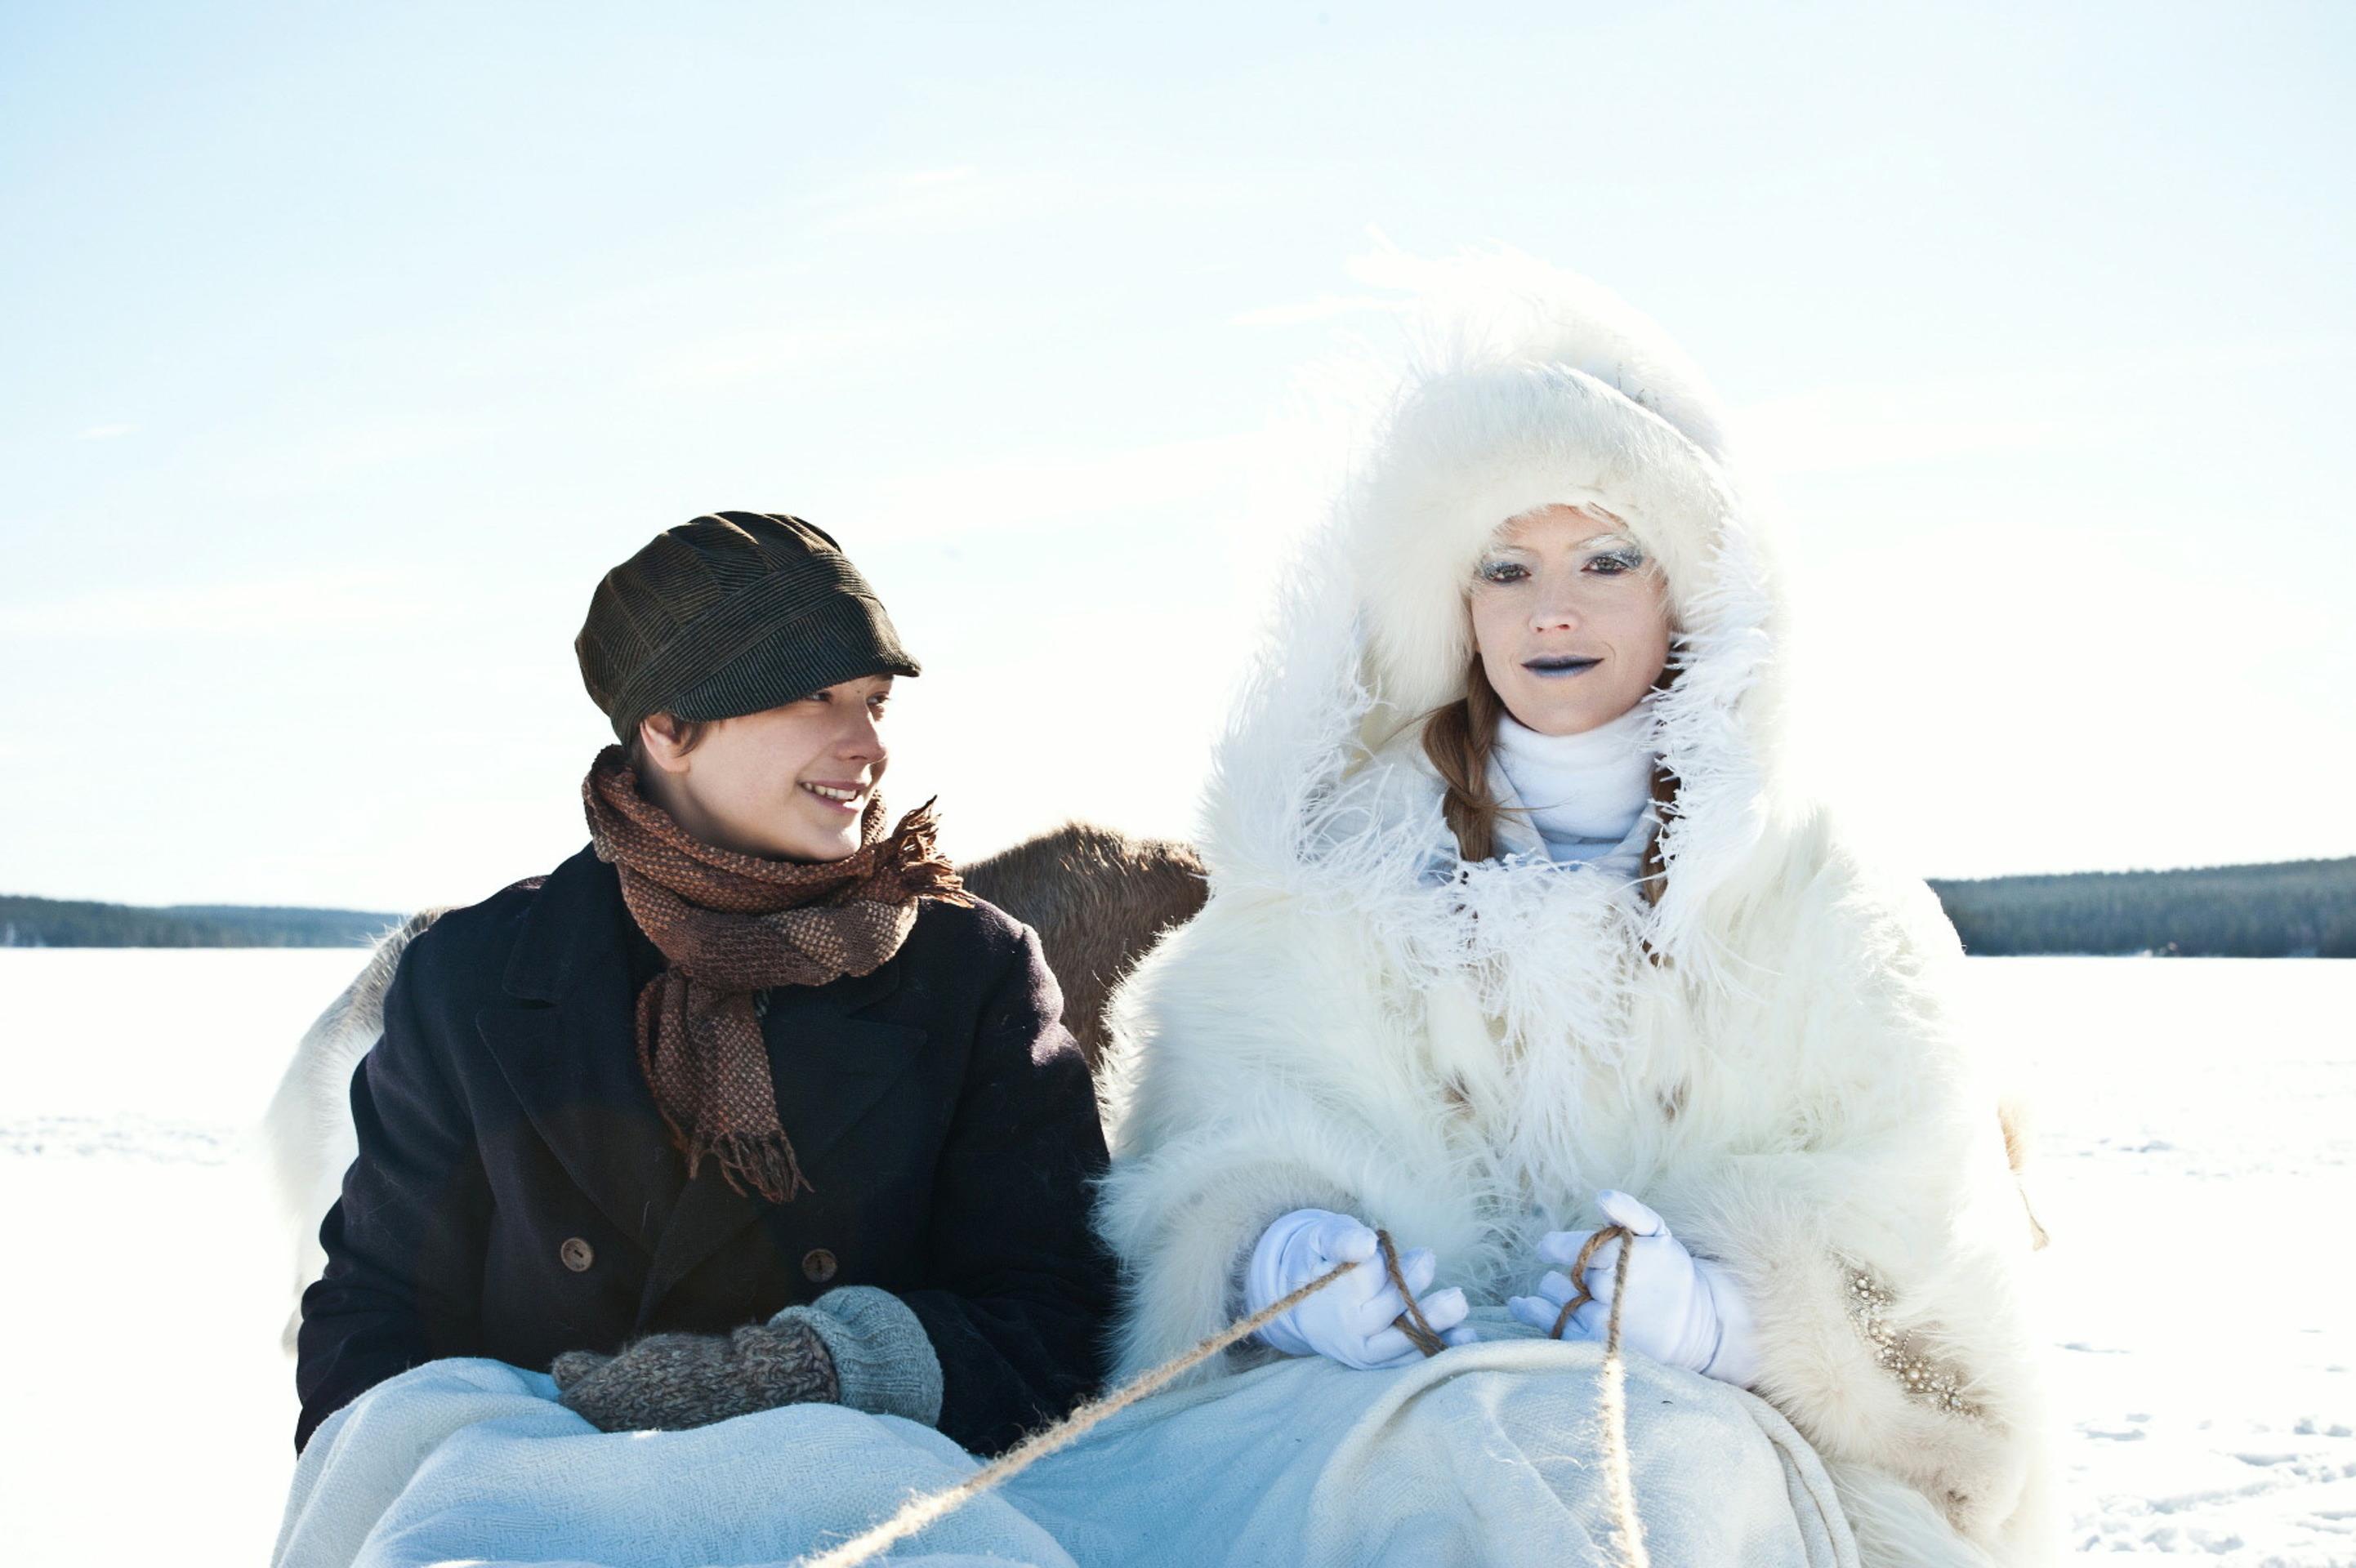 Ganz in Weiß: Die Schneekönigin (Linda Zilliacus) zieht Kay (Kristo Ferkic) in ihren Bann / © ZDF/Anniina Nissinen